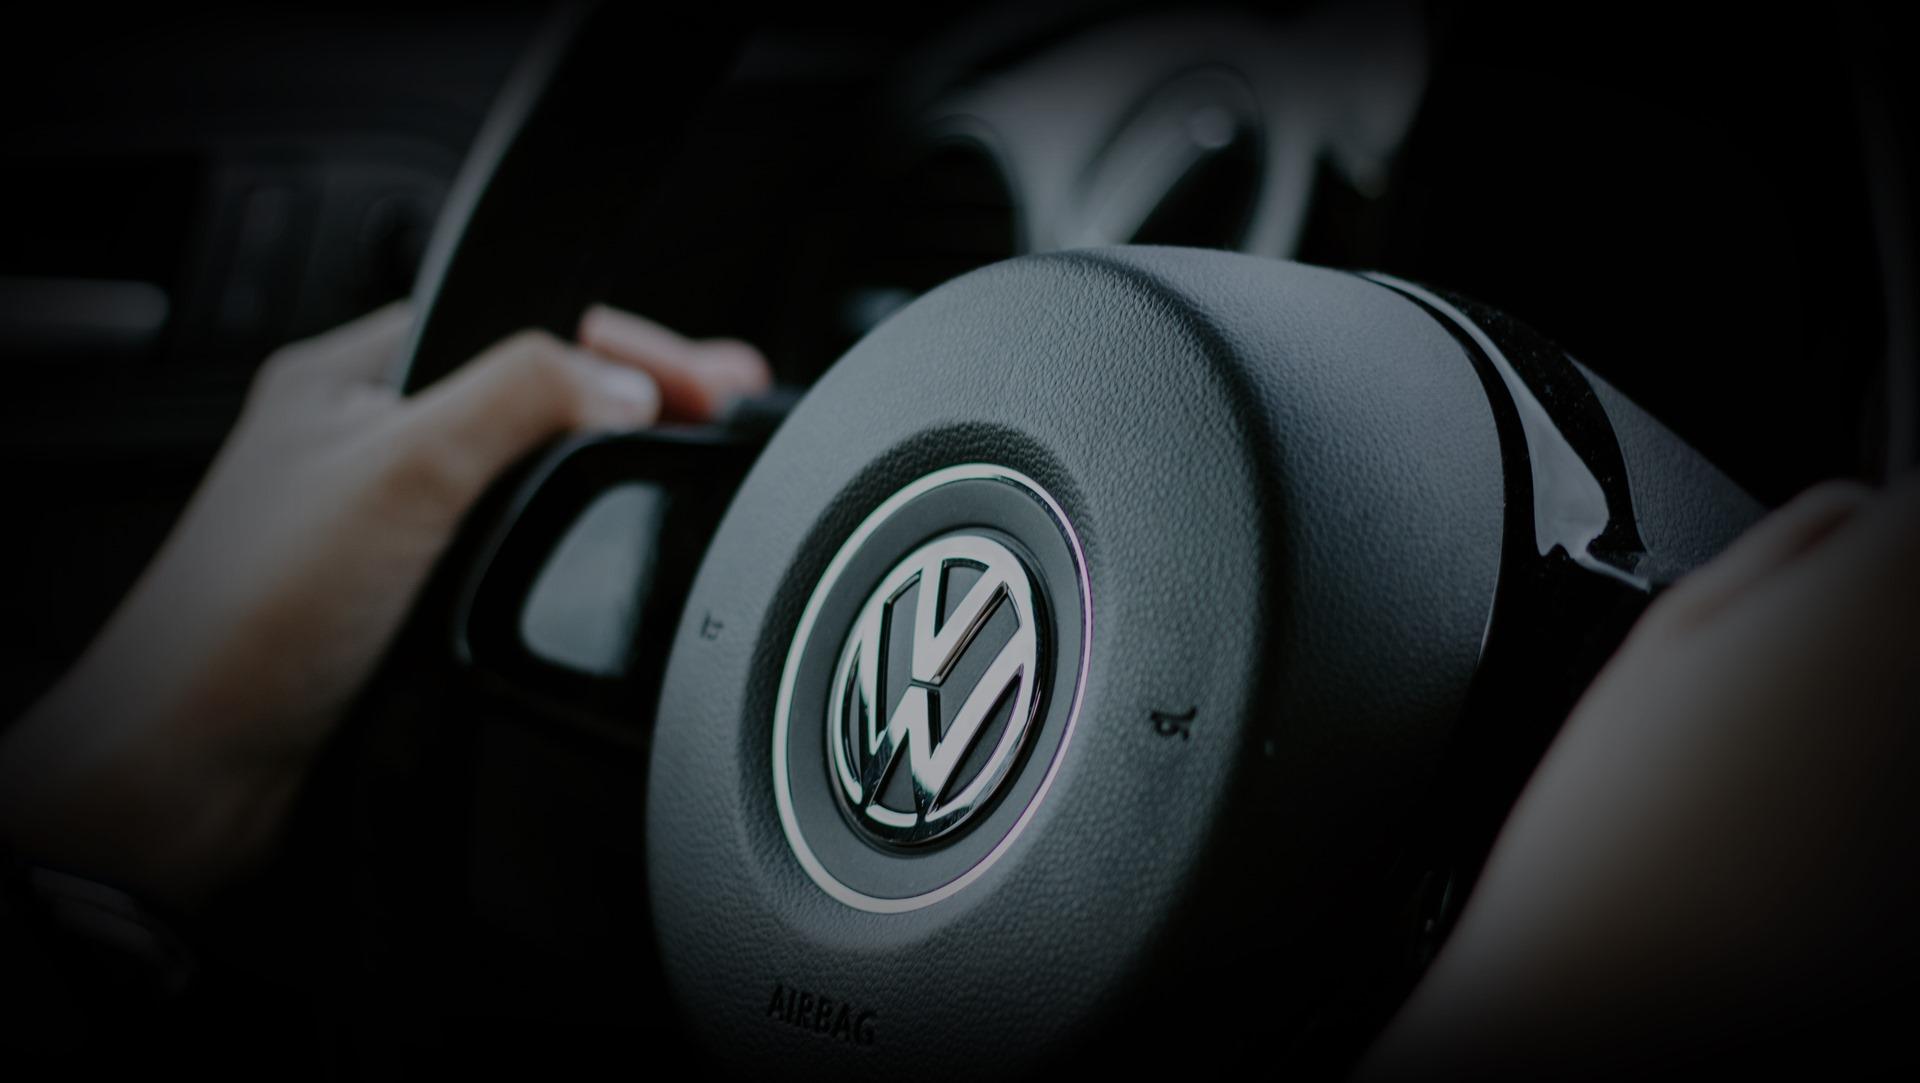 VW Gebrauchtwagen kaufen 24837 Autohaus Schleswig Jordt Volkswagen Neuwagen Lenkrad hd